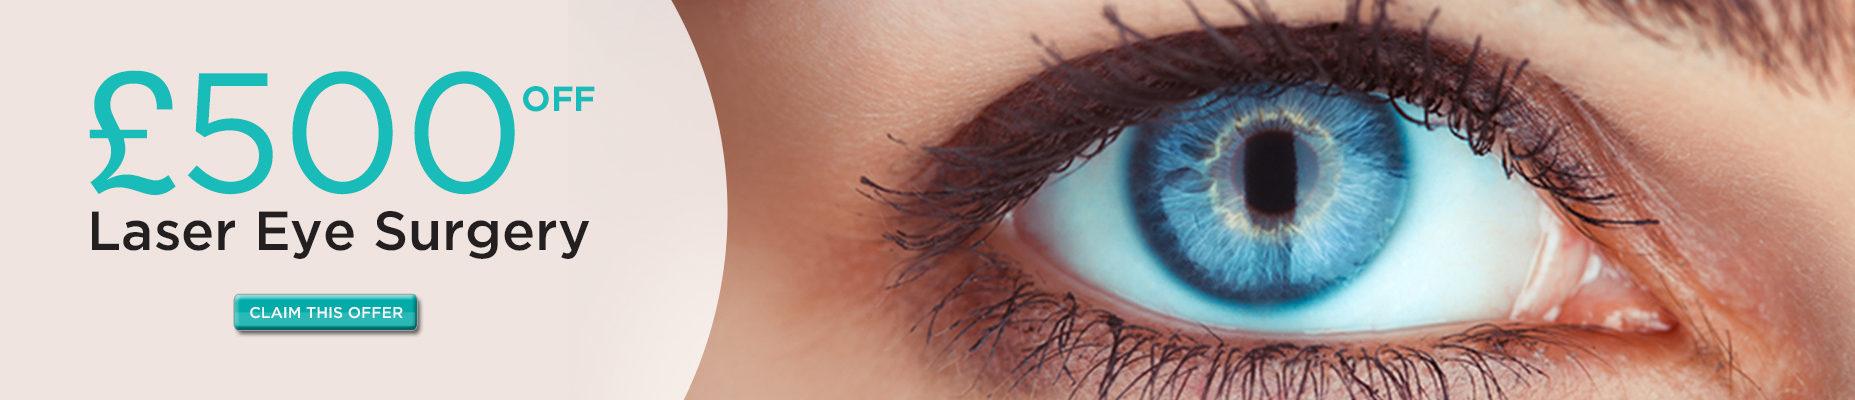 Optilase Laser Eye Surgery Offer